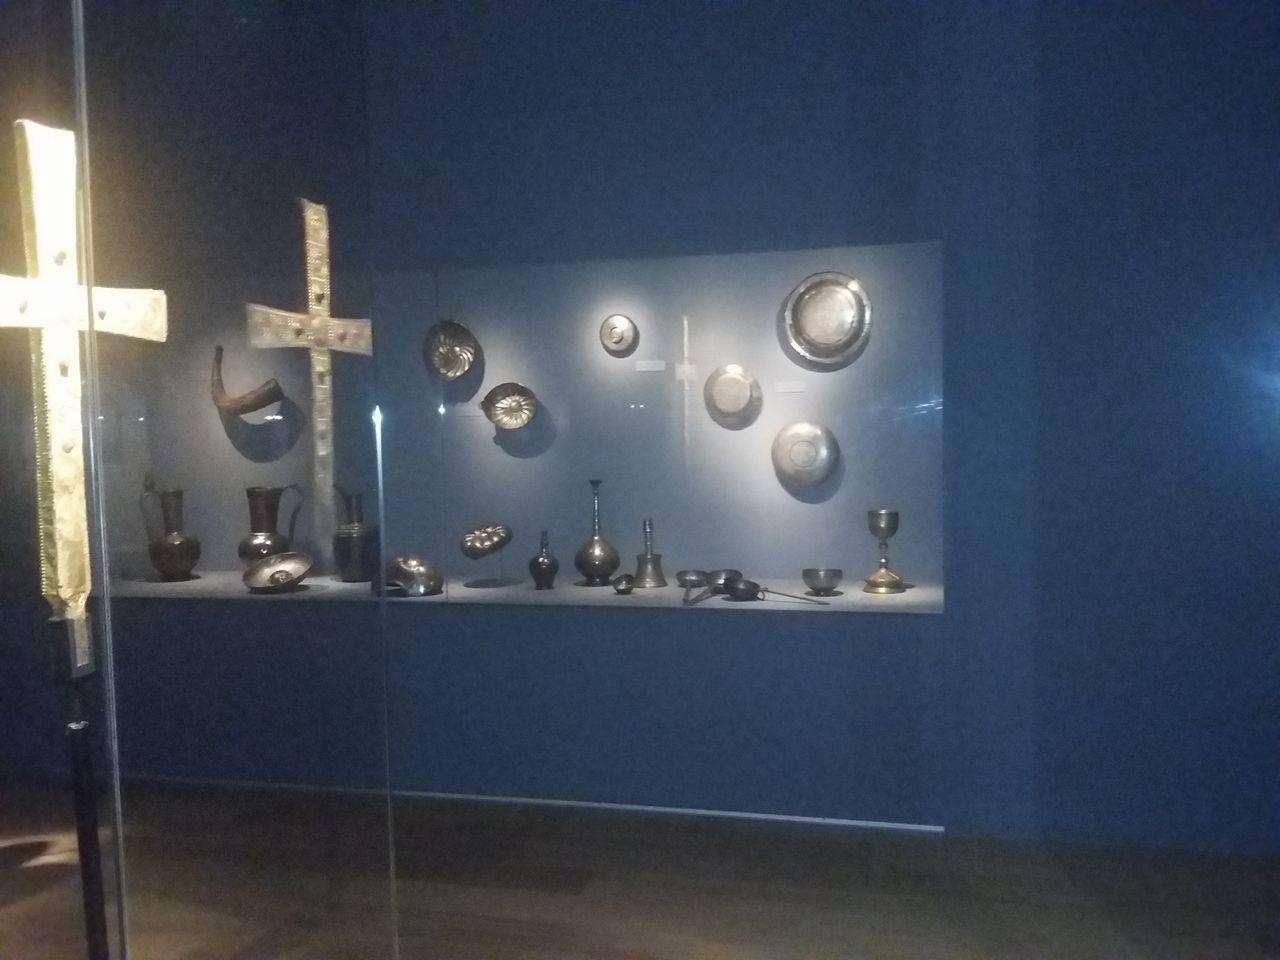 სვანეთის მუზეუმის ერთ-ერთ დარბაზს რუსიკო ქოჩქიანის სახელი ეწოდა